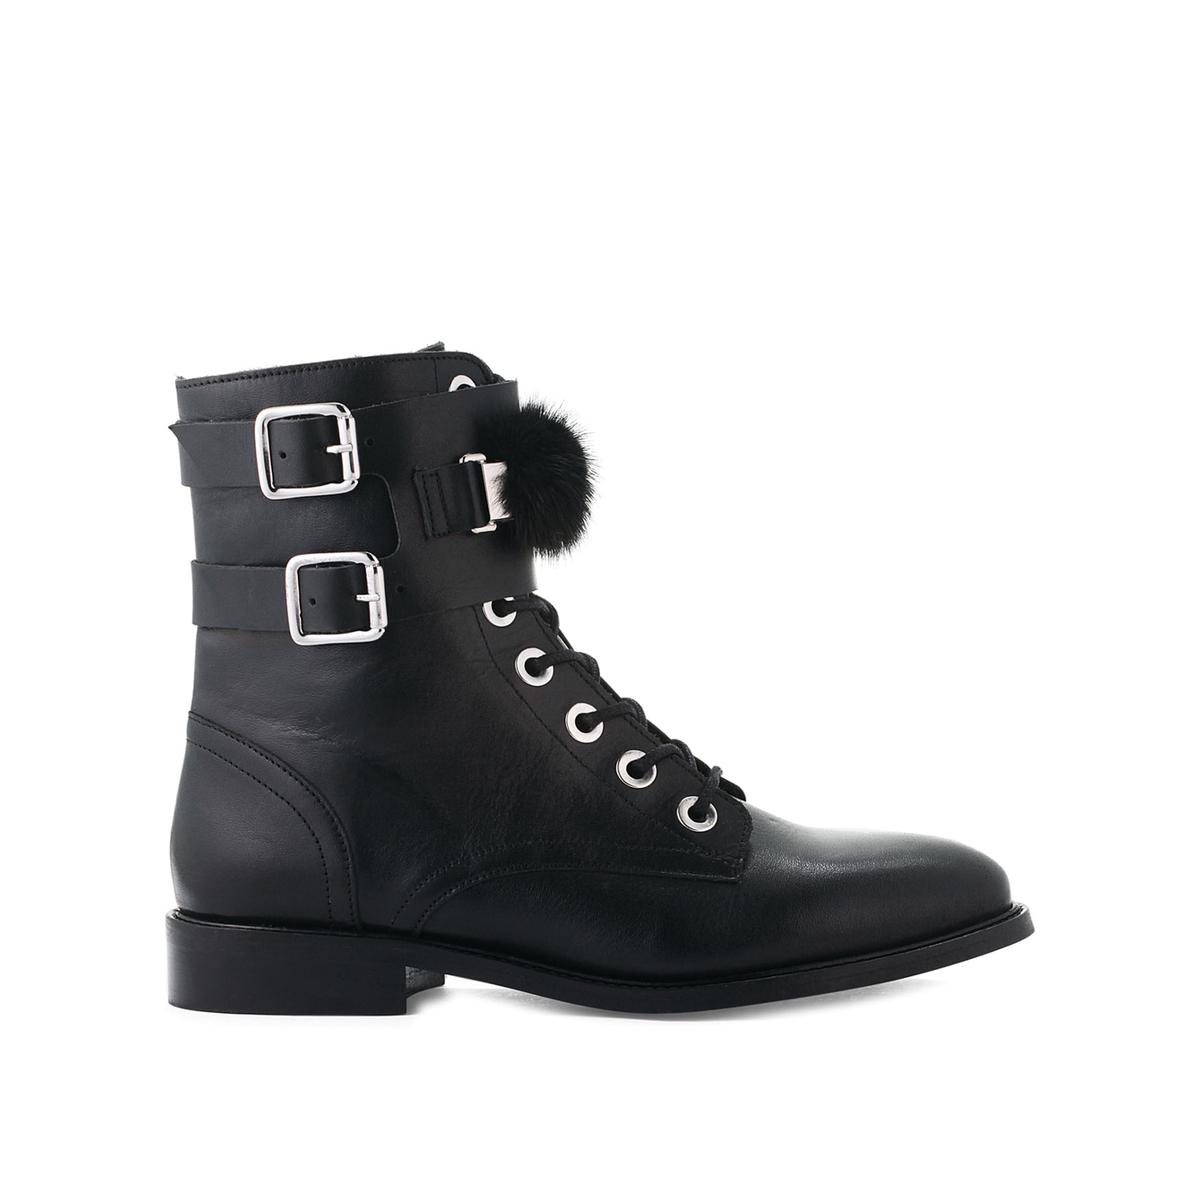 Ботинки La Redoute Из кожи с ремешками VifeurFur 40 черный застежка молния трактор arta f разъемная 2 замка т6 цвет черный 077 100 см